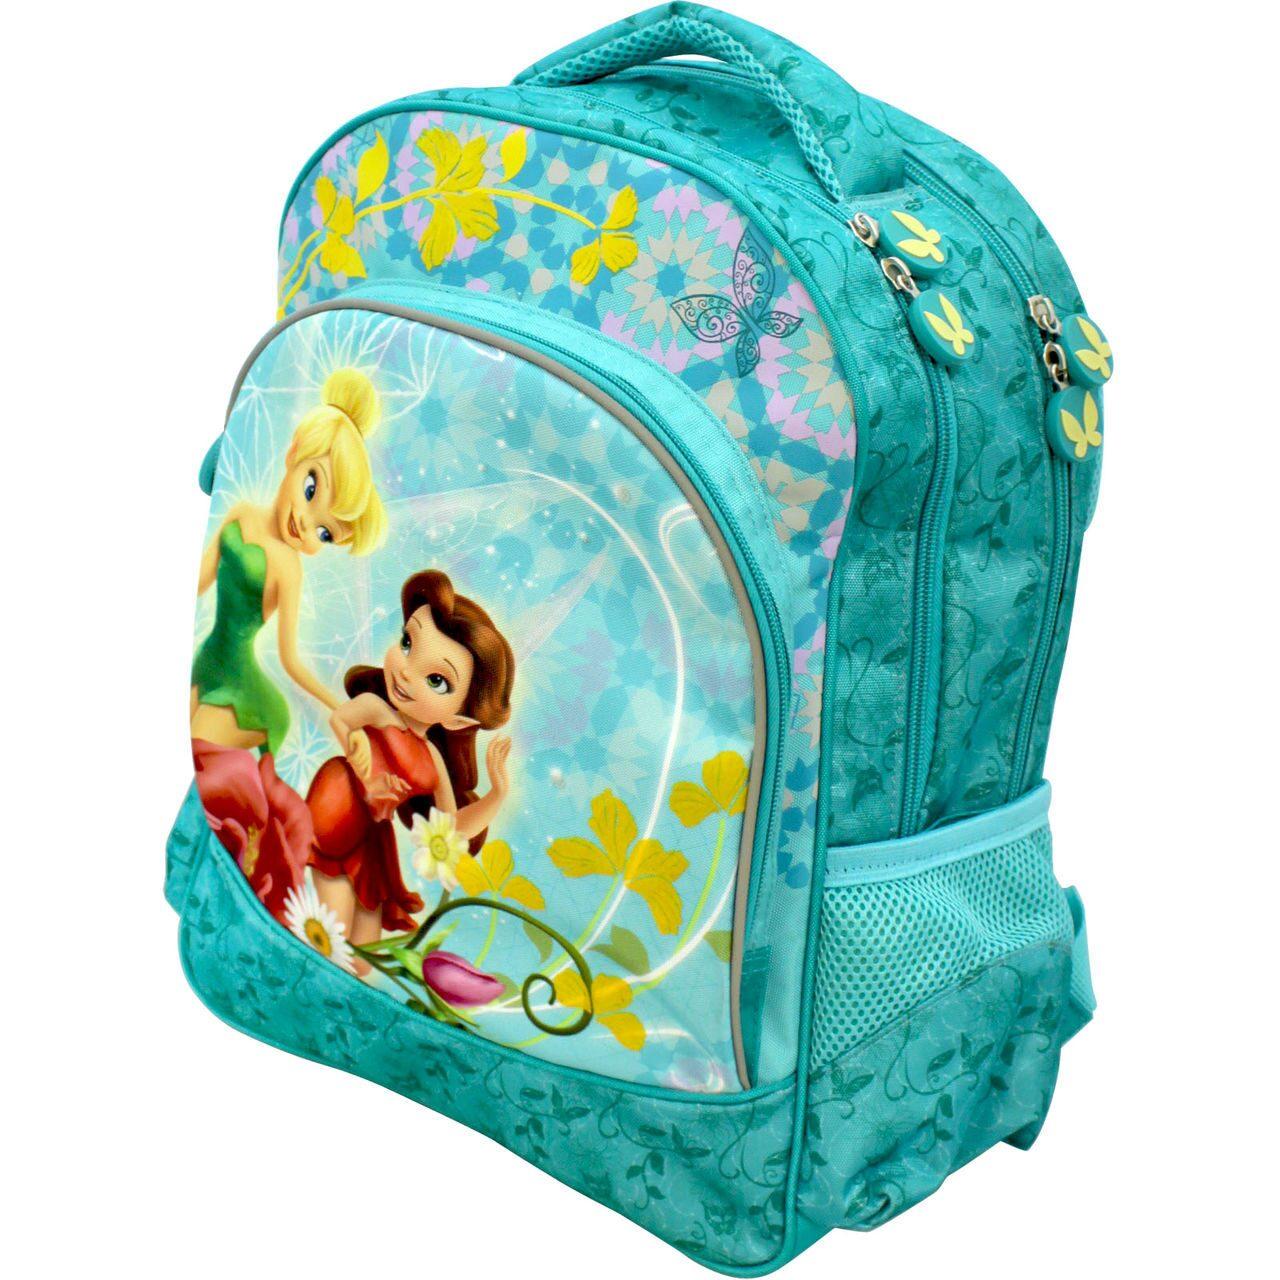 Школьный рюкзак фея дисней динь динь качественные рюкзаки фирмы